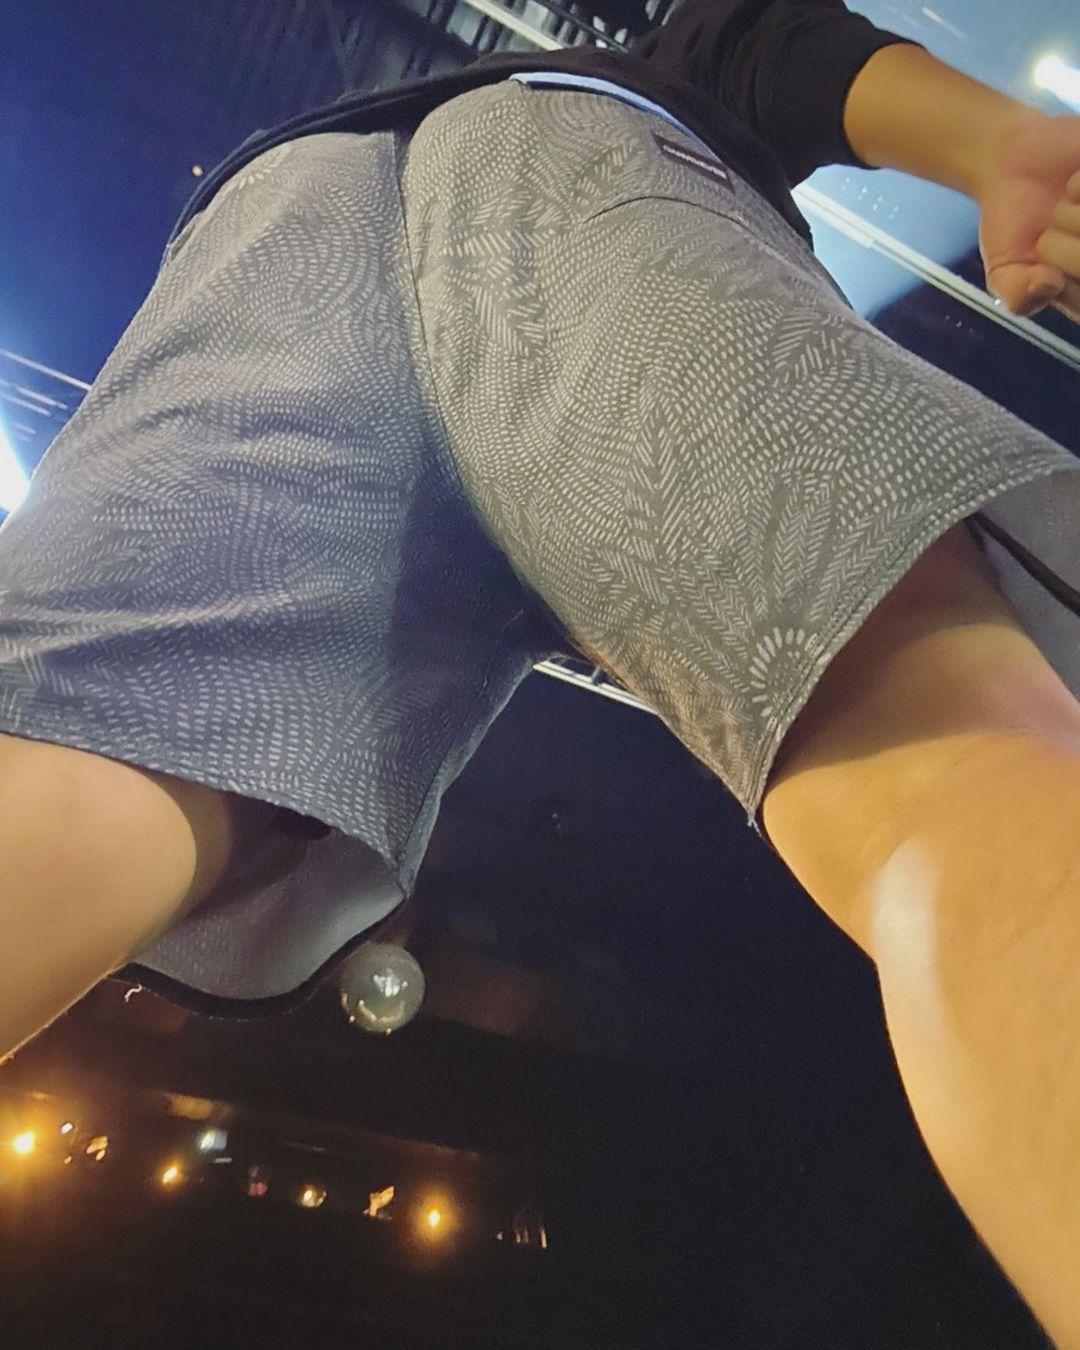 蔡哥不小心被拍到短褲裡的內褲,照片被HowHow轉發卻遭到移除。(翻攝自蔡哥IG)